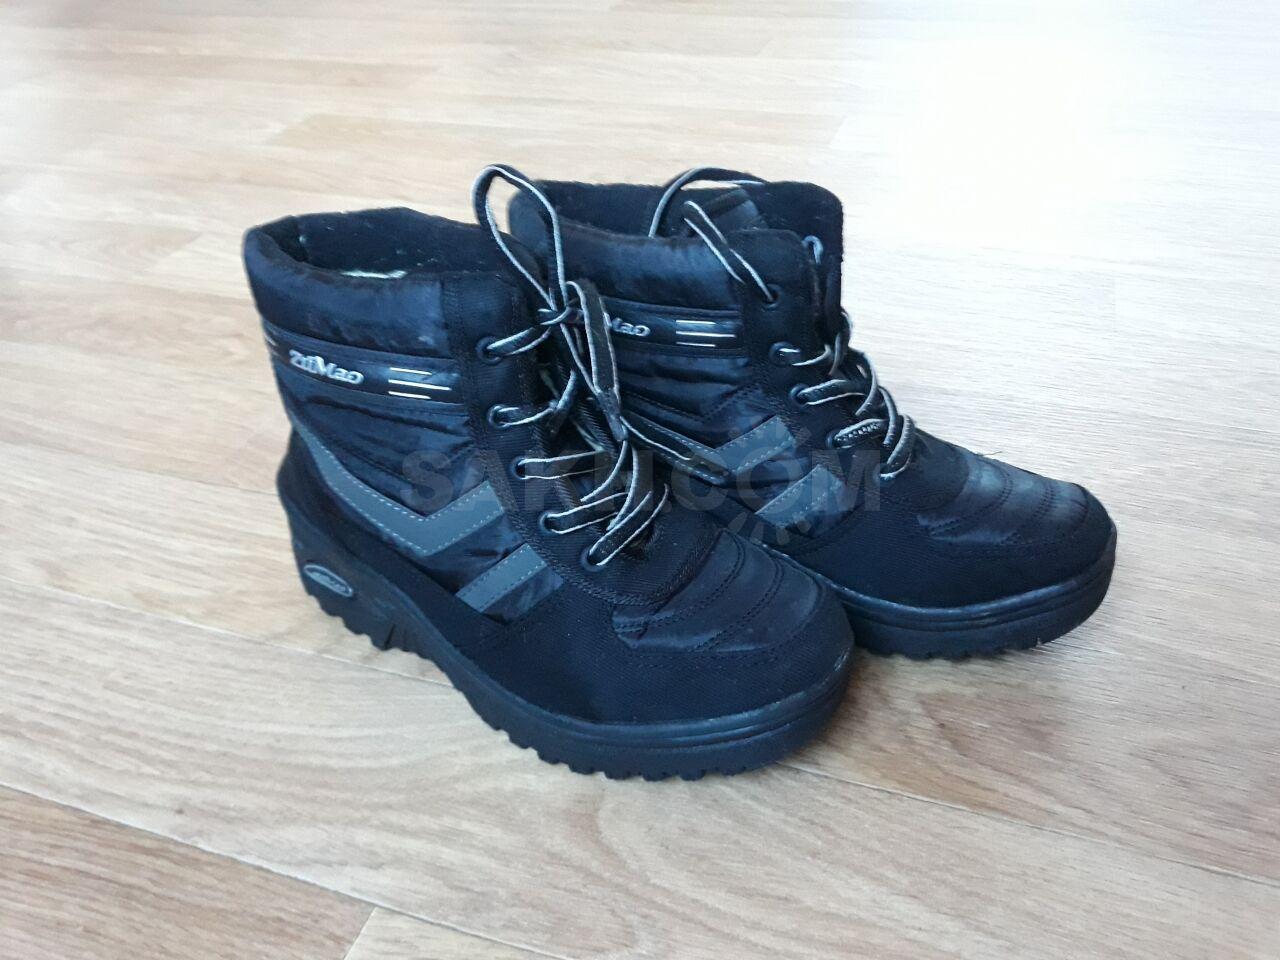 6993b38d Очень тёплые зимние высокие ботинки на мальчика, в отличном состоянии!  Подойдут на высокий подъём и на широкую ногу. Размер 25,5 (38-39).